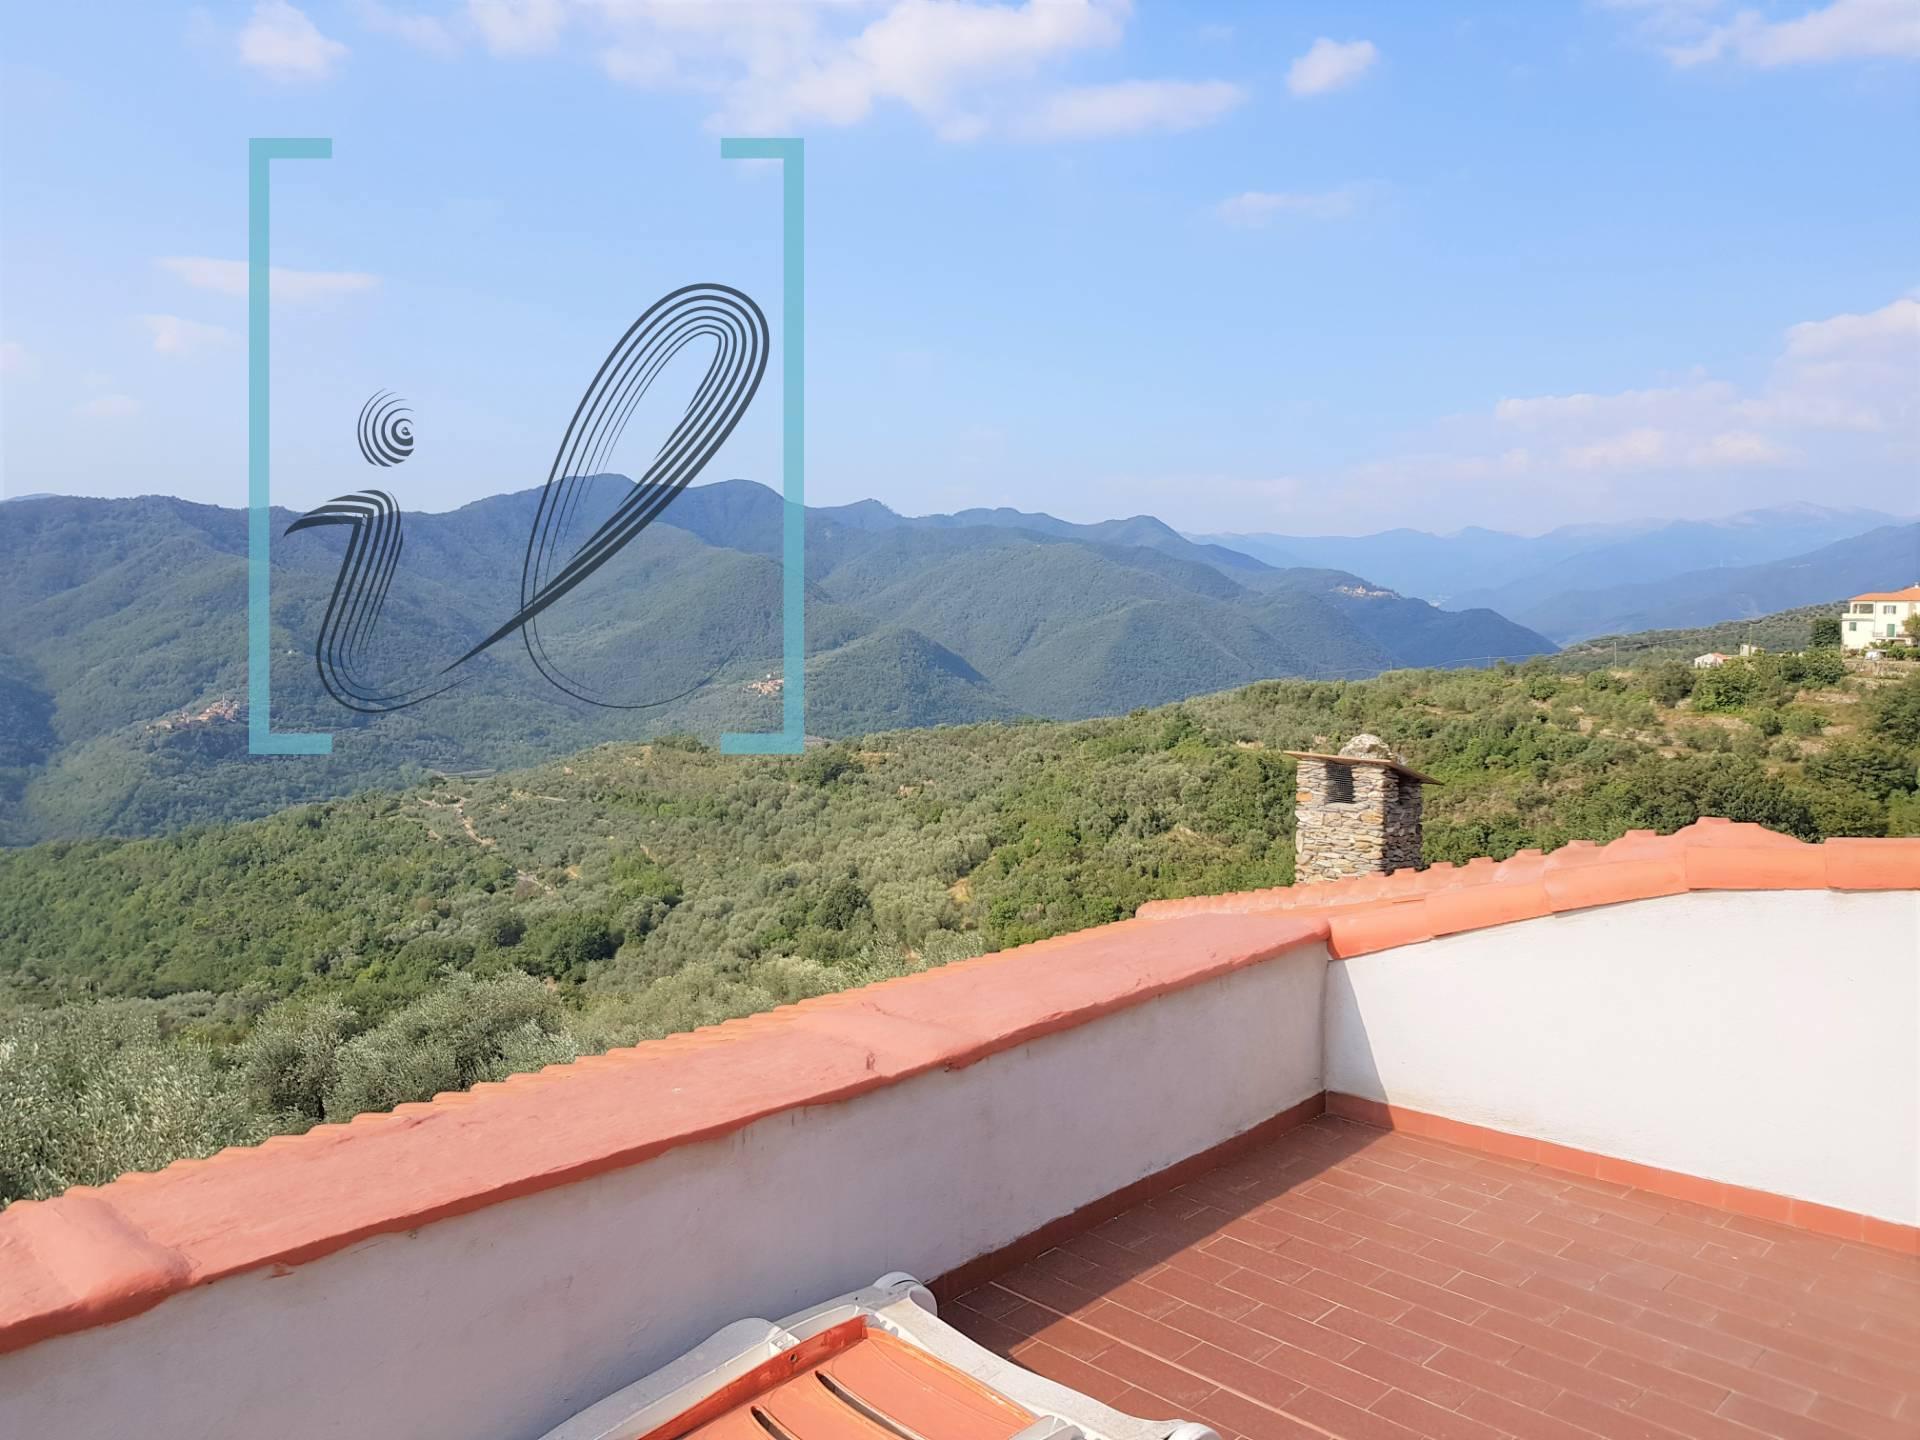 Rustico / Casale in vendita a Onzo, 5 locali, prezzo € 150.000 | PortaleAgenzieImmobiliari.it